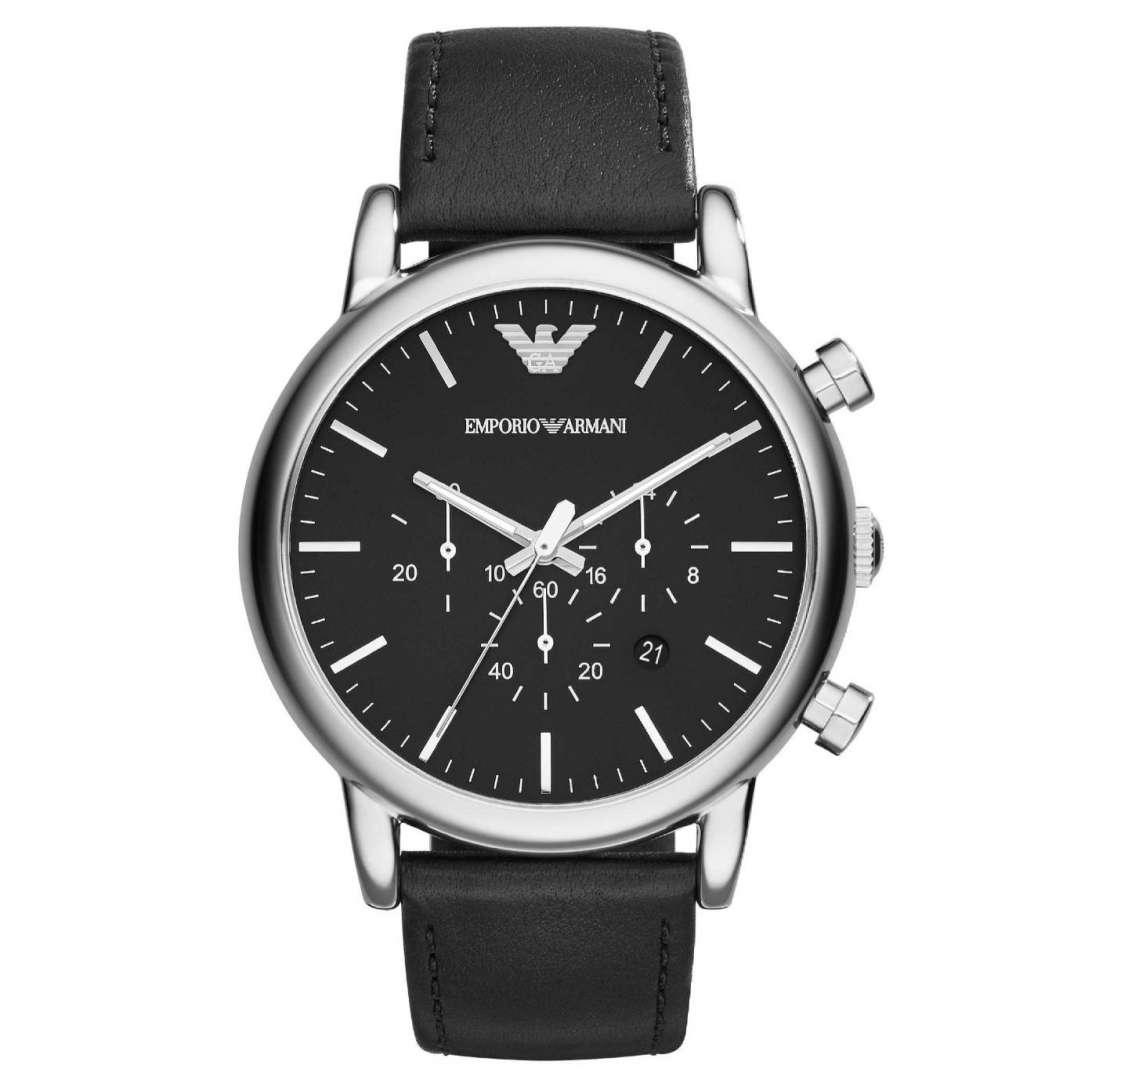 שעון יד אנלוגי לגבר emporio armani ar1828 אמפוריו ארמני